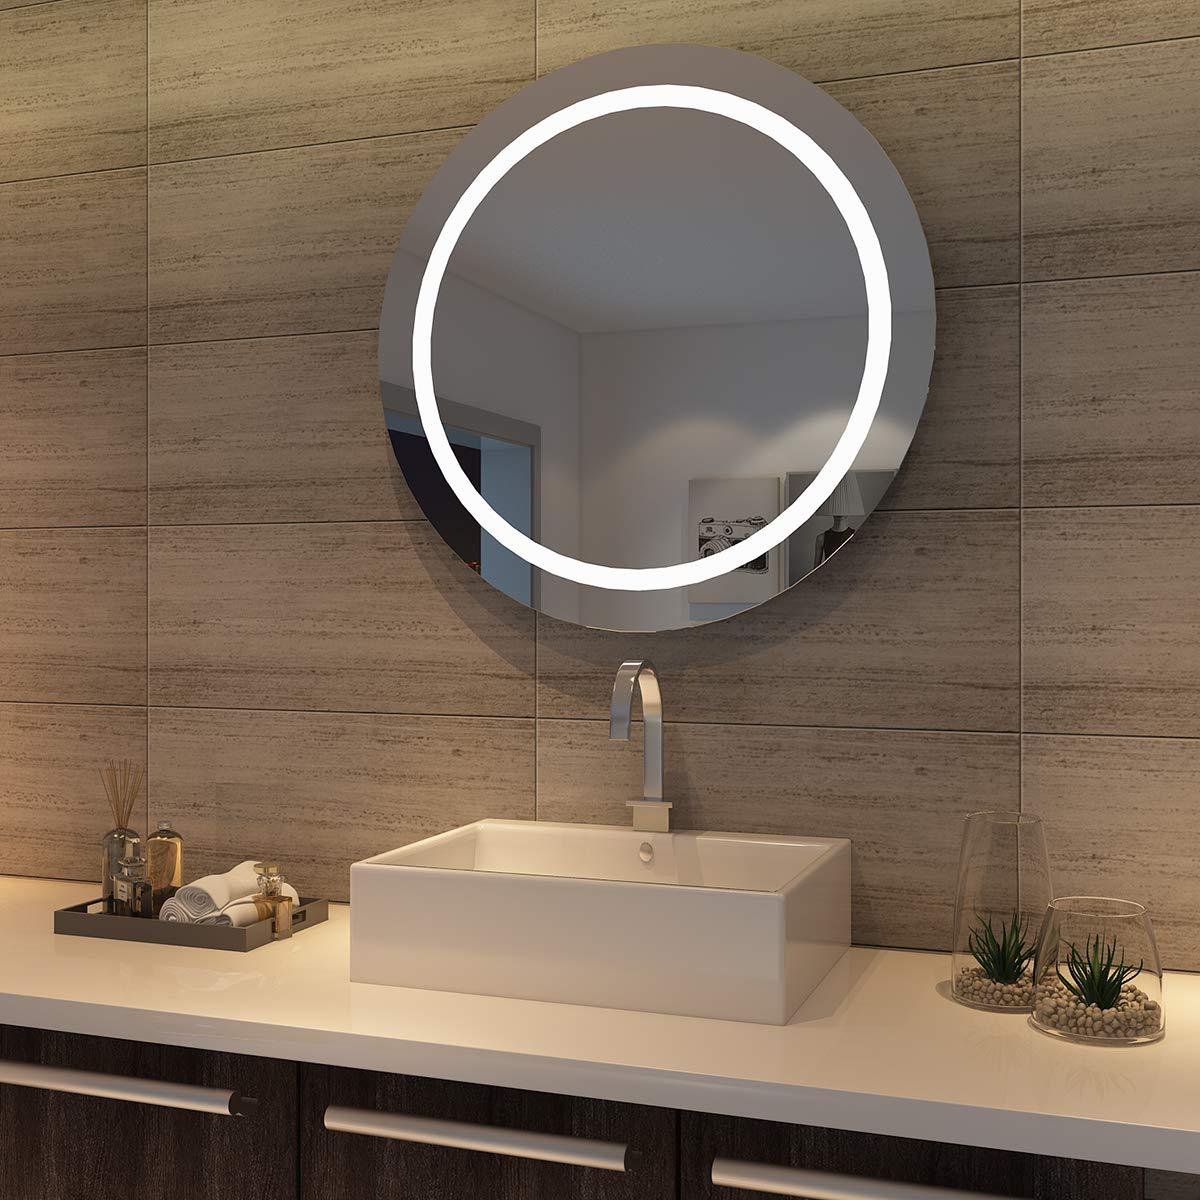 Kippschalter sunnyshowers LED Badspiegel wandspiegel rund 84cm Lichtspiegel Bad Spiegel LED Beleuchtung, kaltweiß